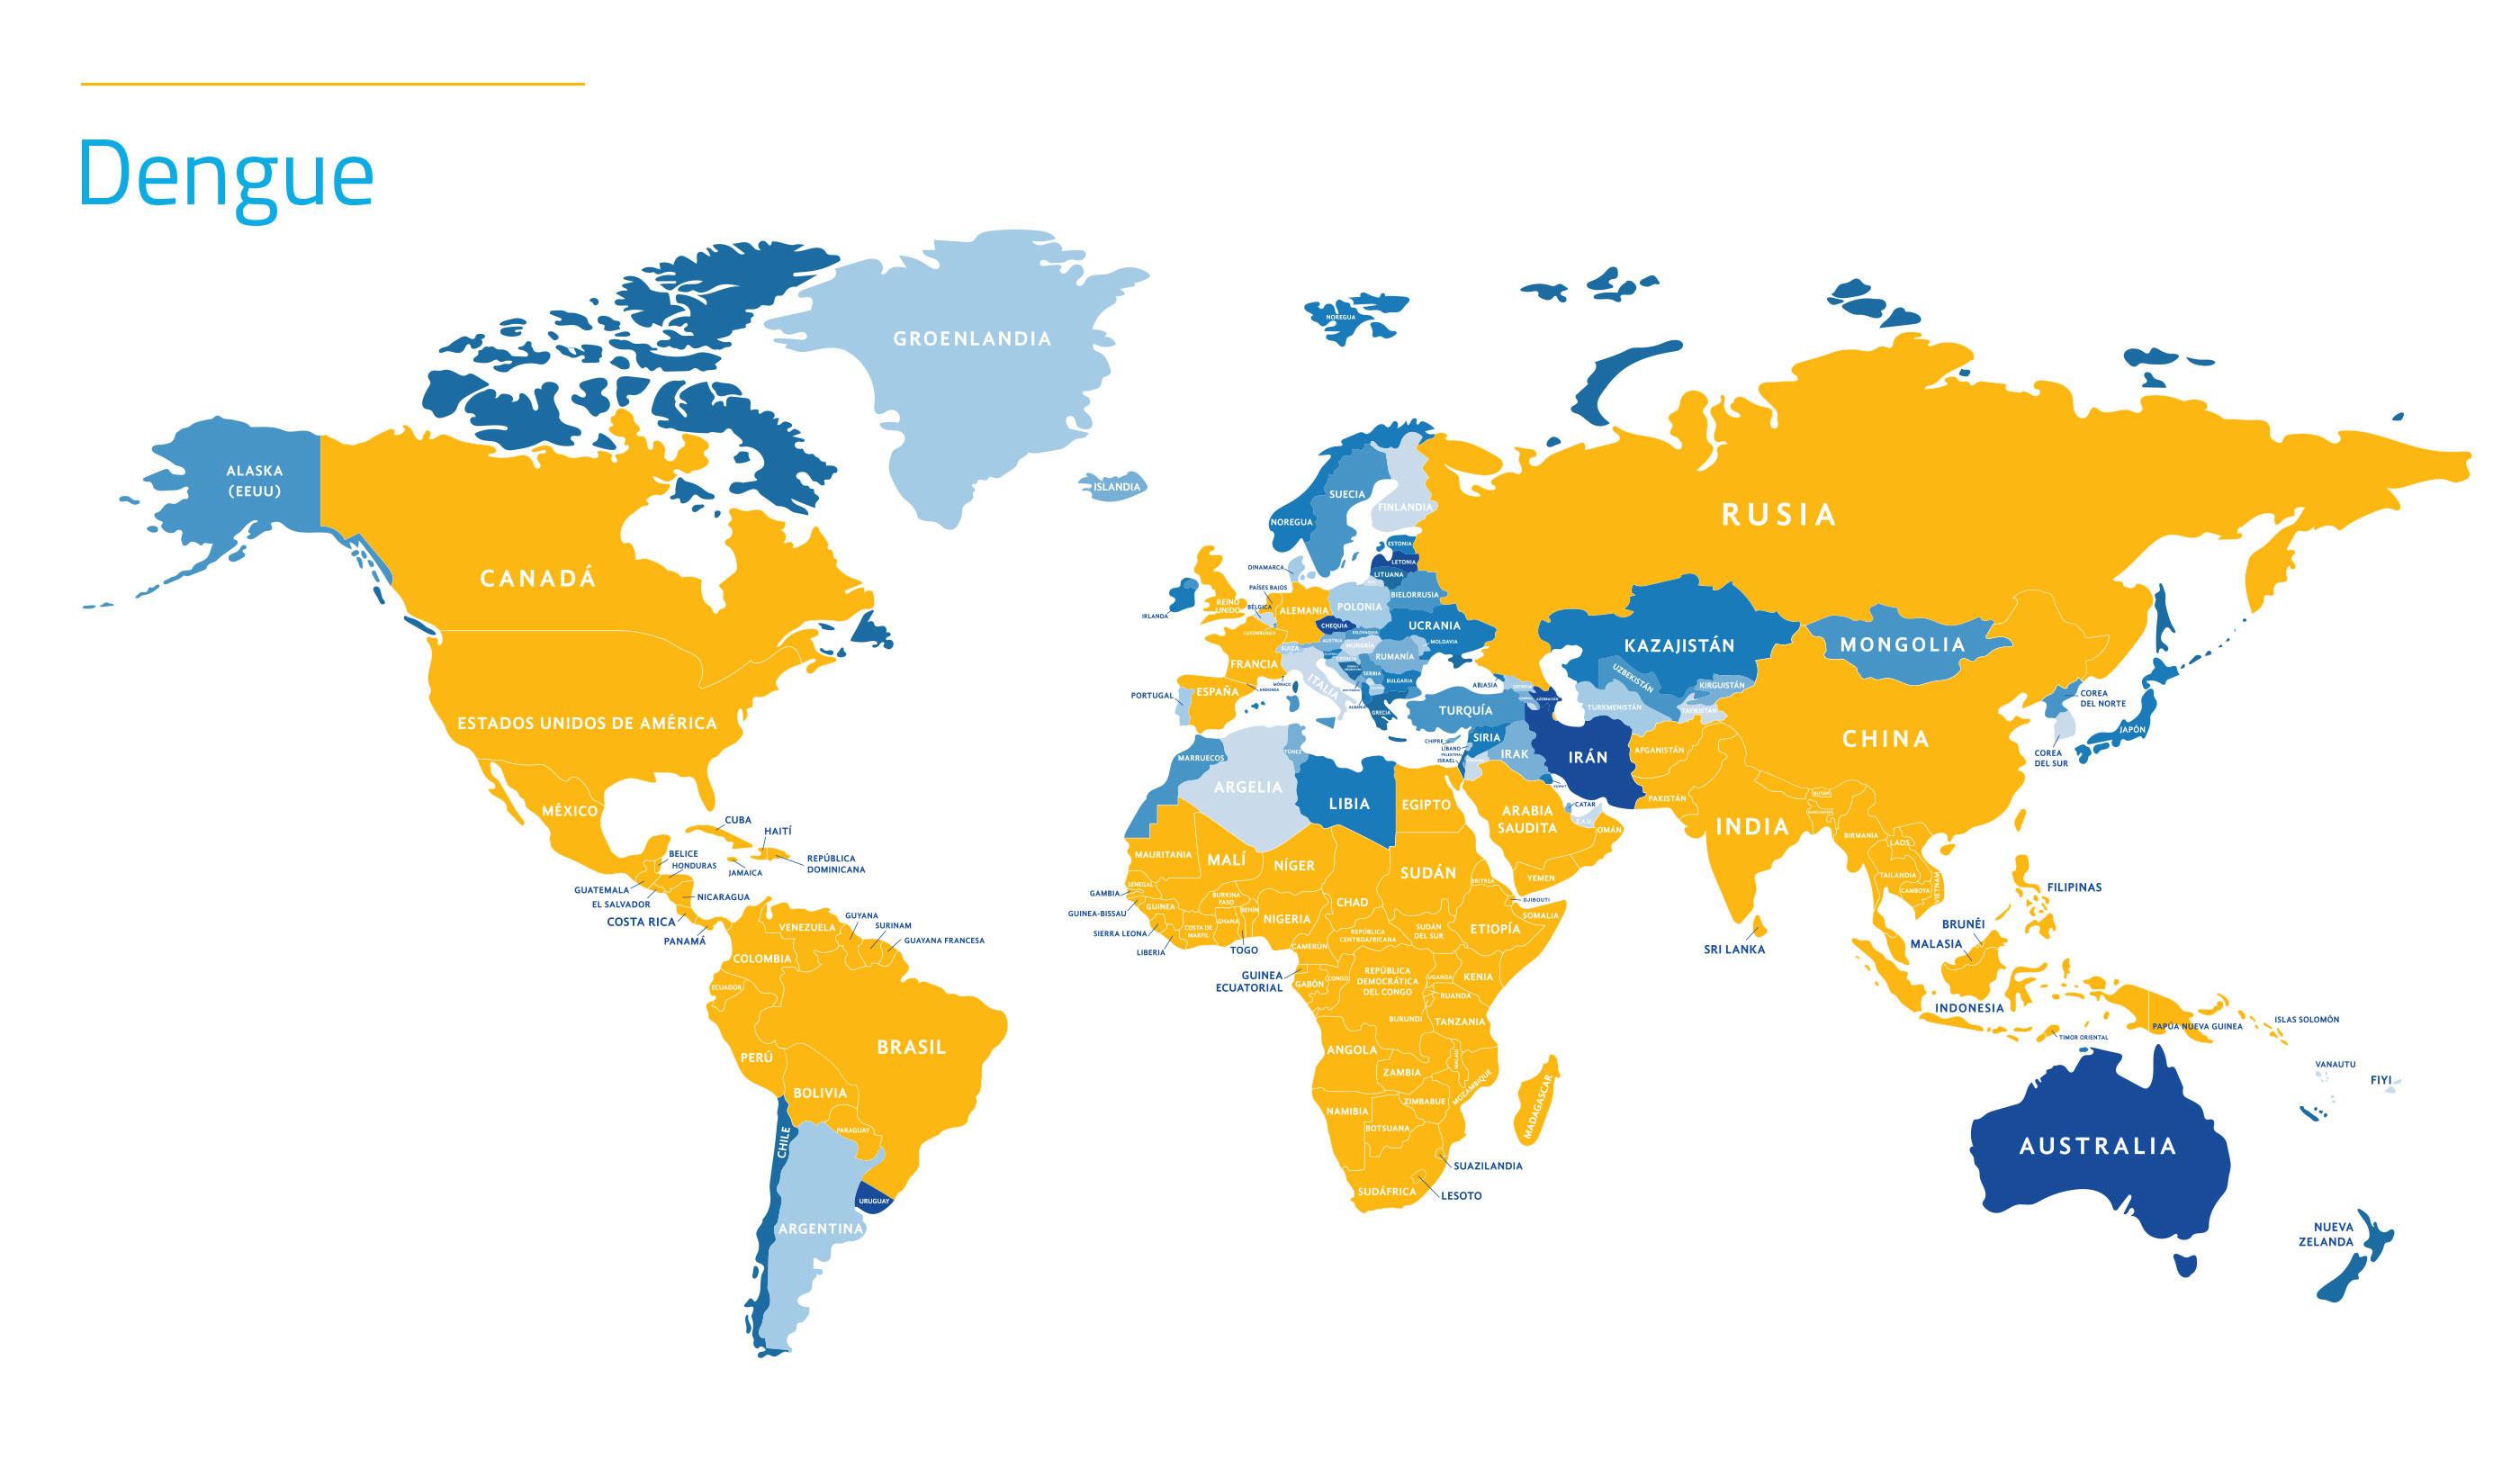 Mapa de dengue en el mundo